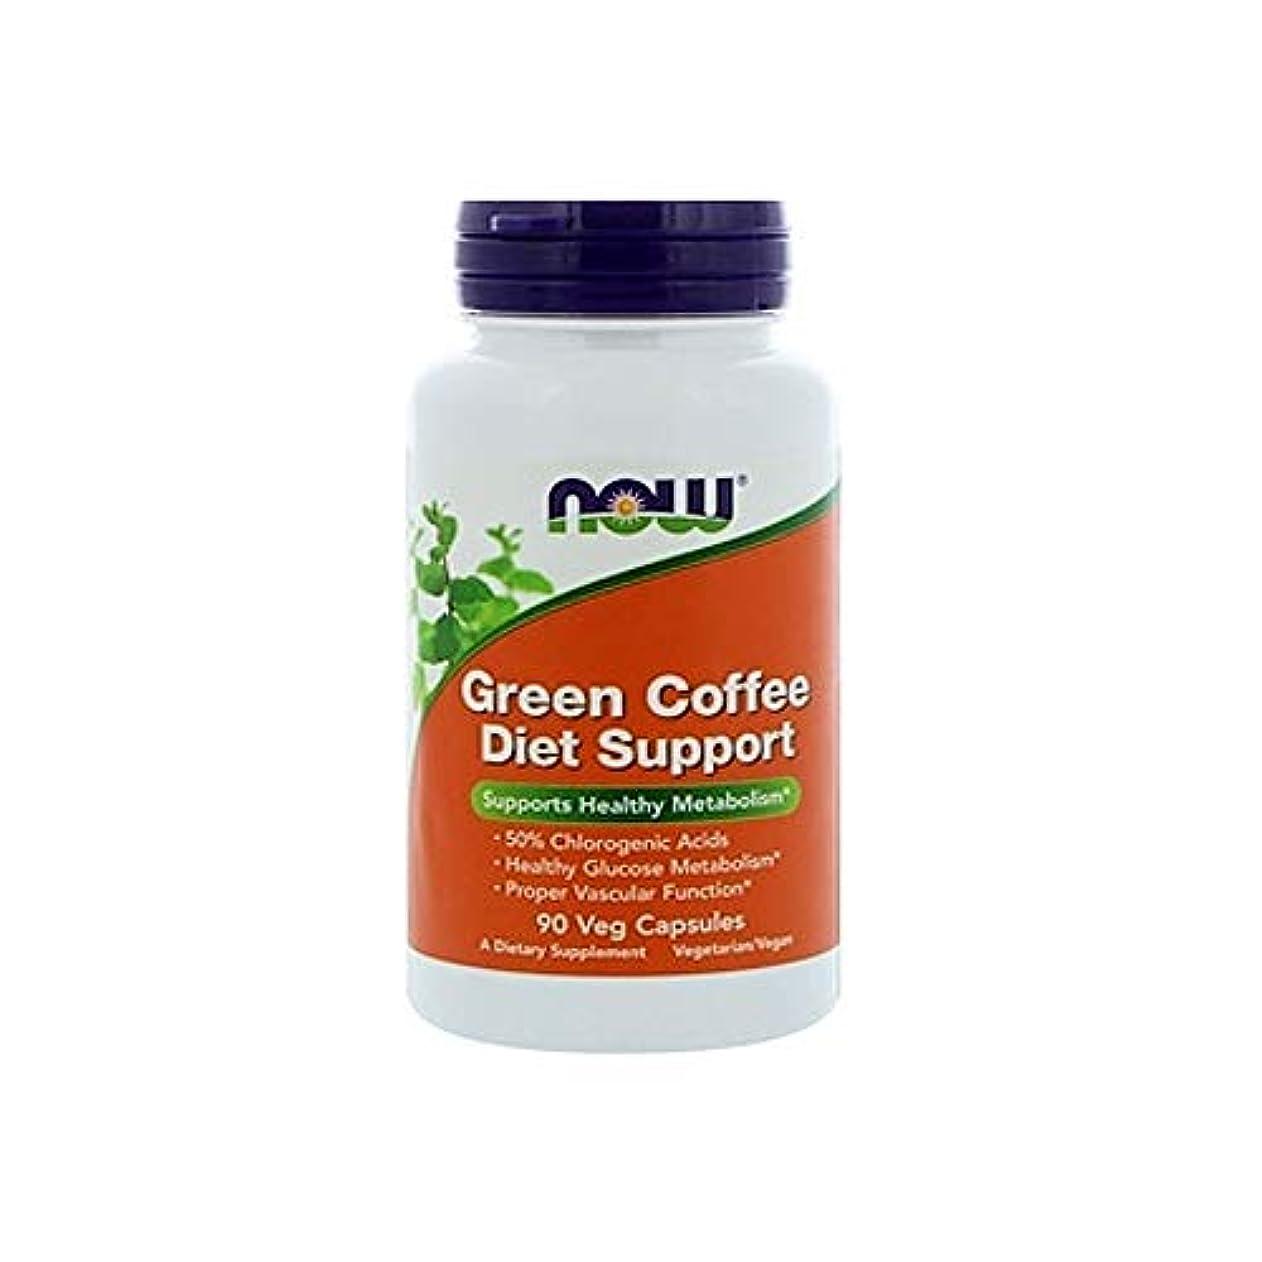 ハミングバード朝荒らす[海外直送品] ナウフーズ グリーンコーヒー ダイエットサポート(クロロゲン酸含有) 90粒